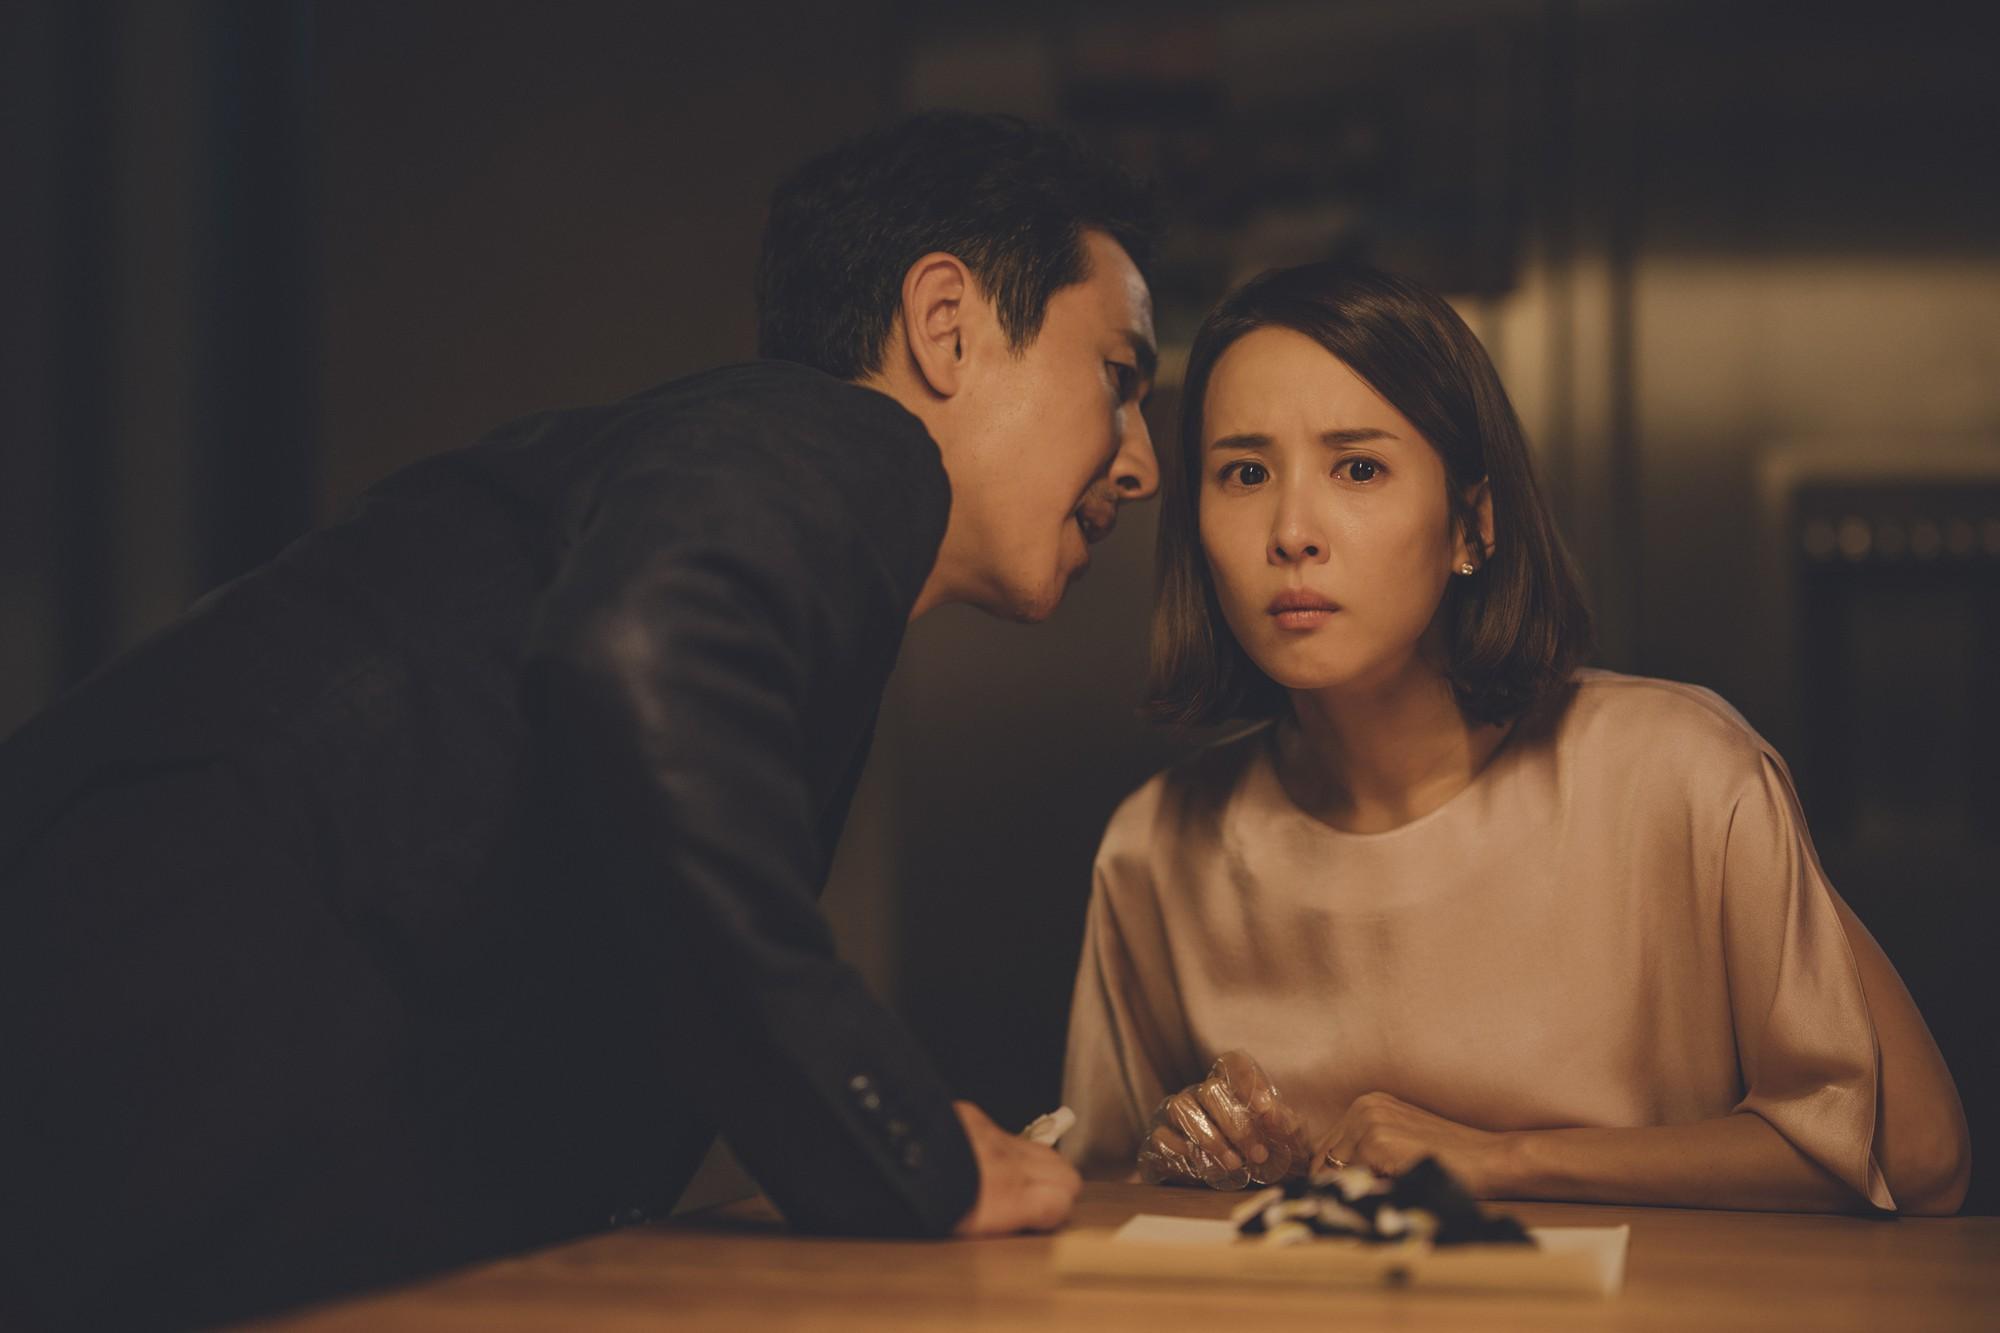 Mê điện ảnh Hàn, ghét hài nhảm, thích combo phim nghệ thuật khuyến mãi thêm trào phúng thì xem ngay Parasite! - Ảnh 12.